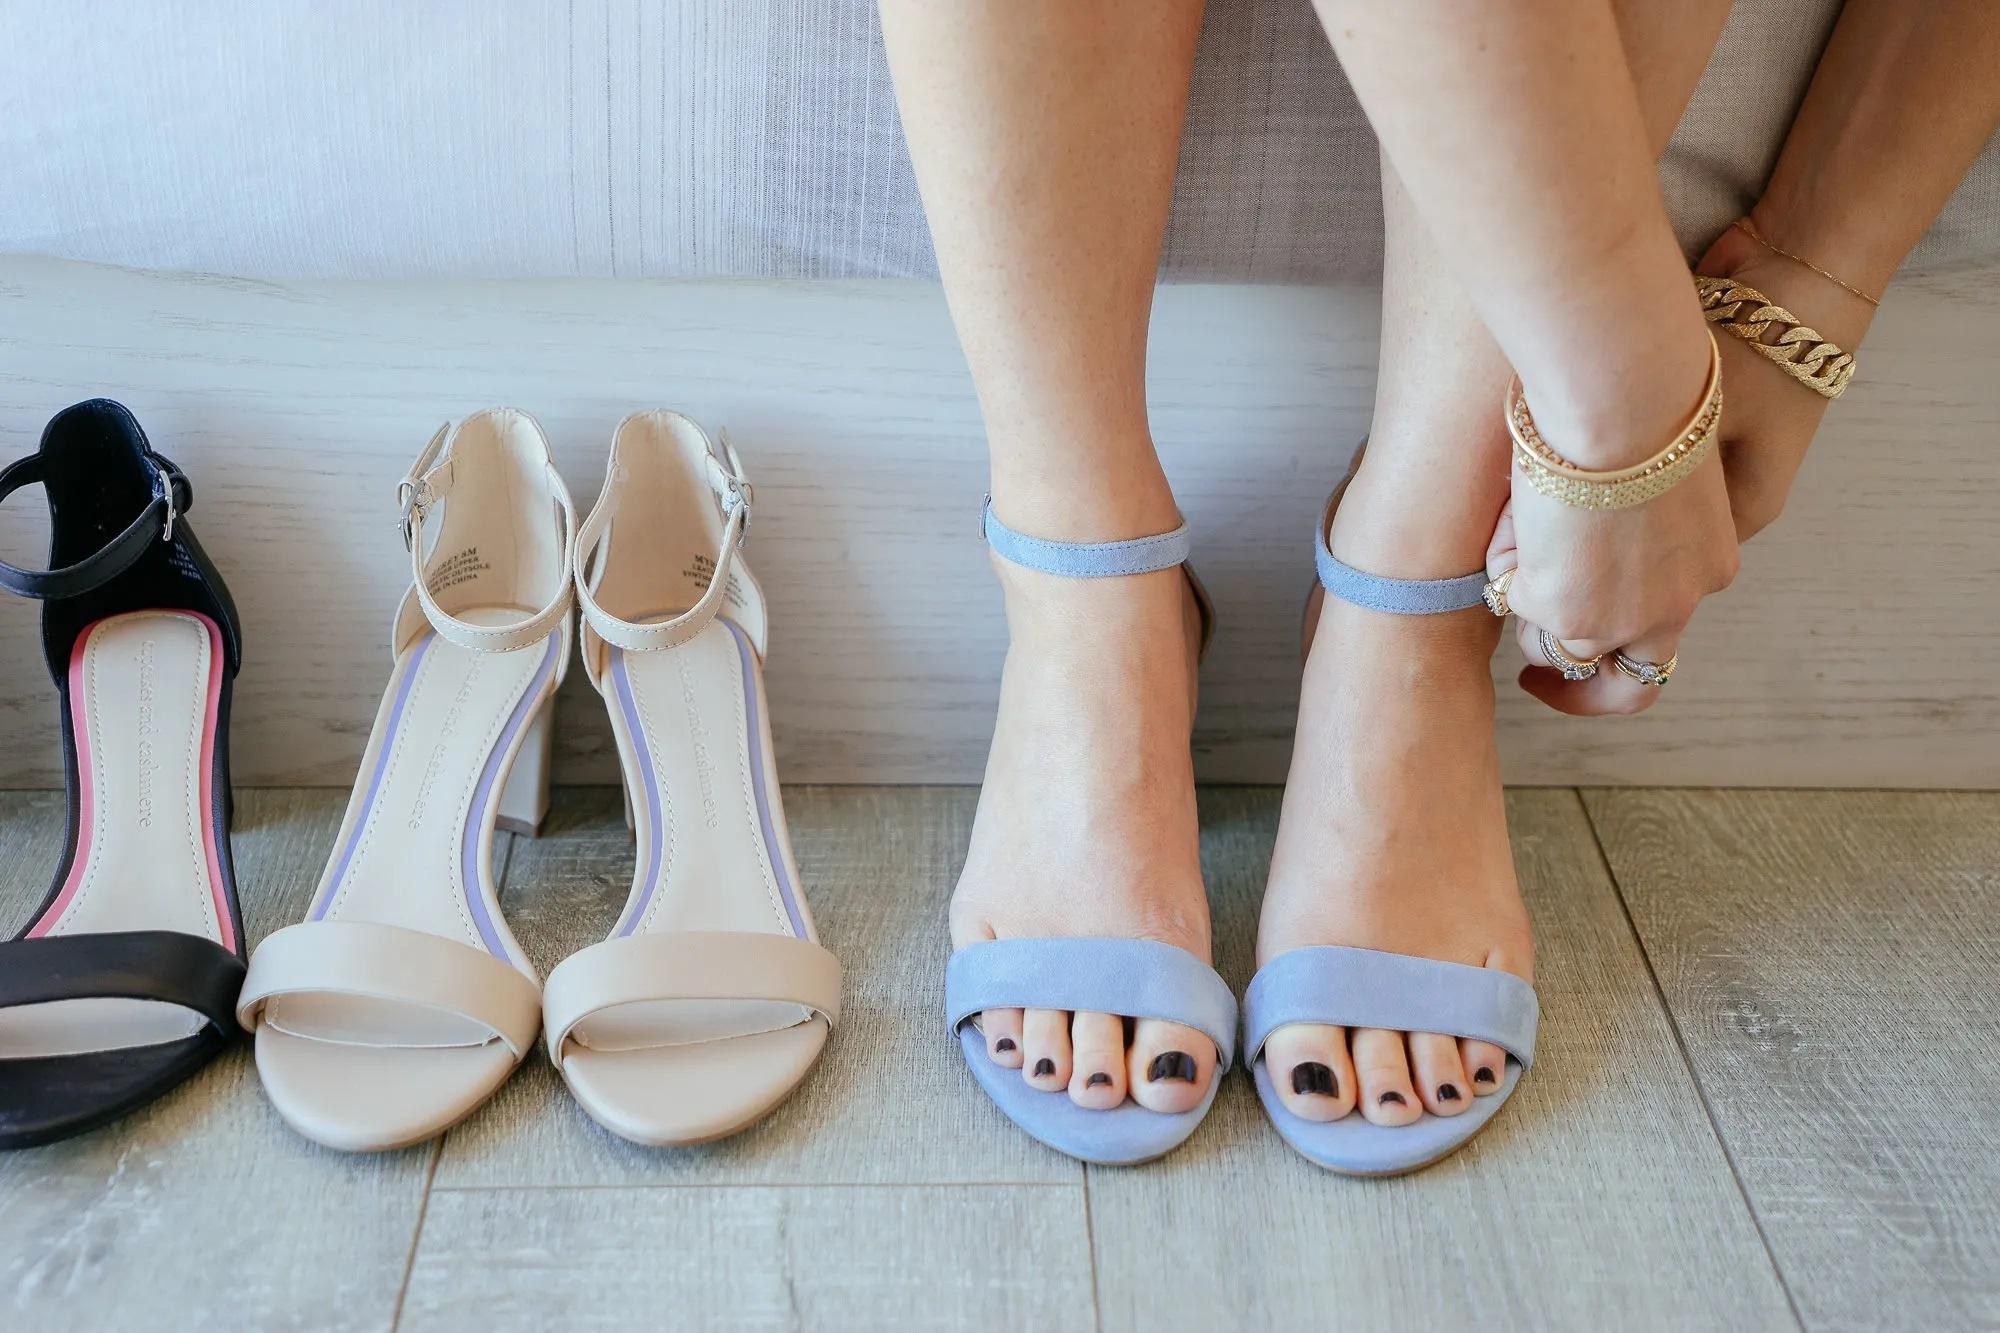 Emily Schuman's Feet